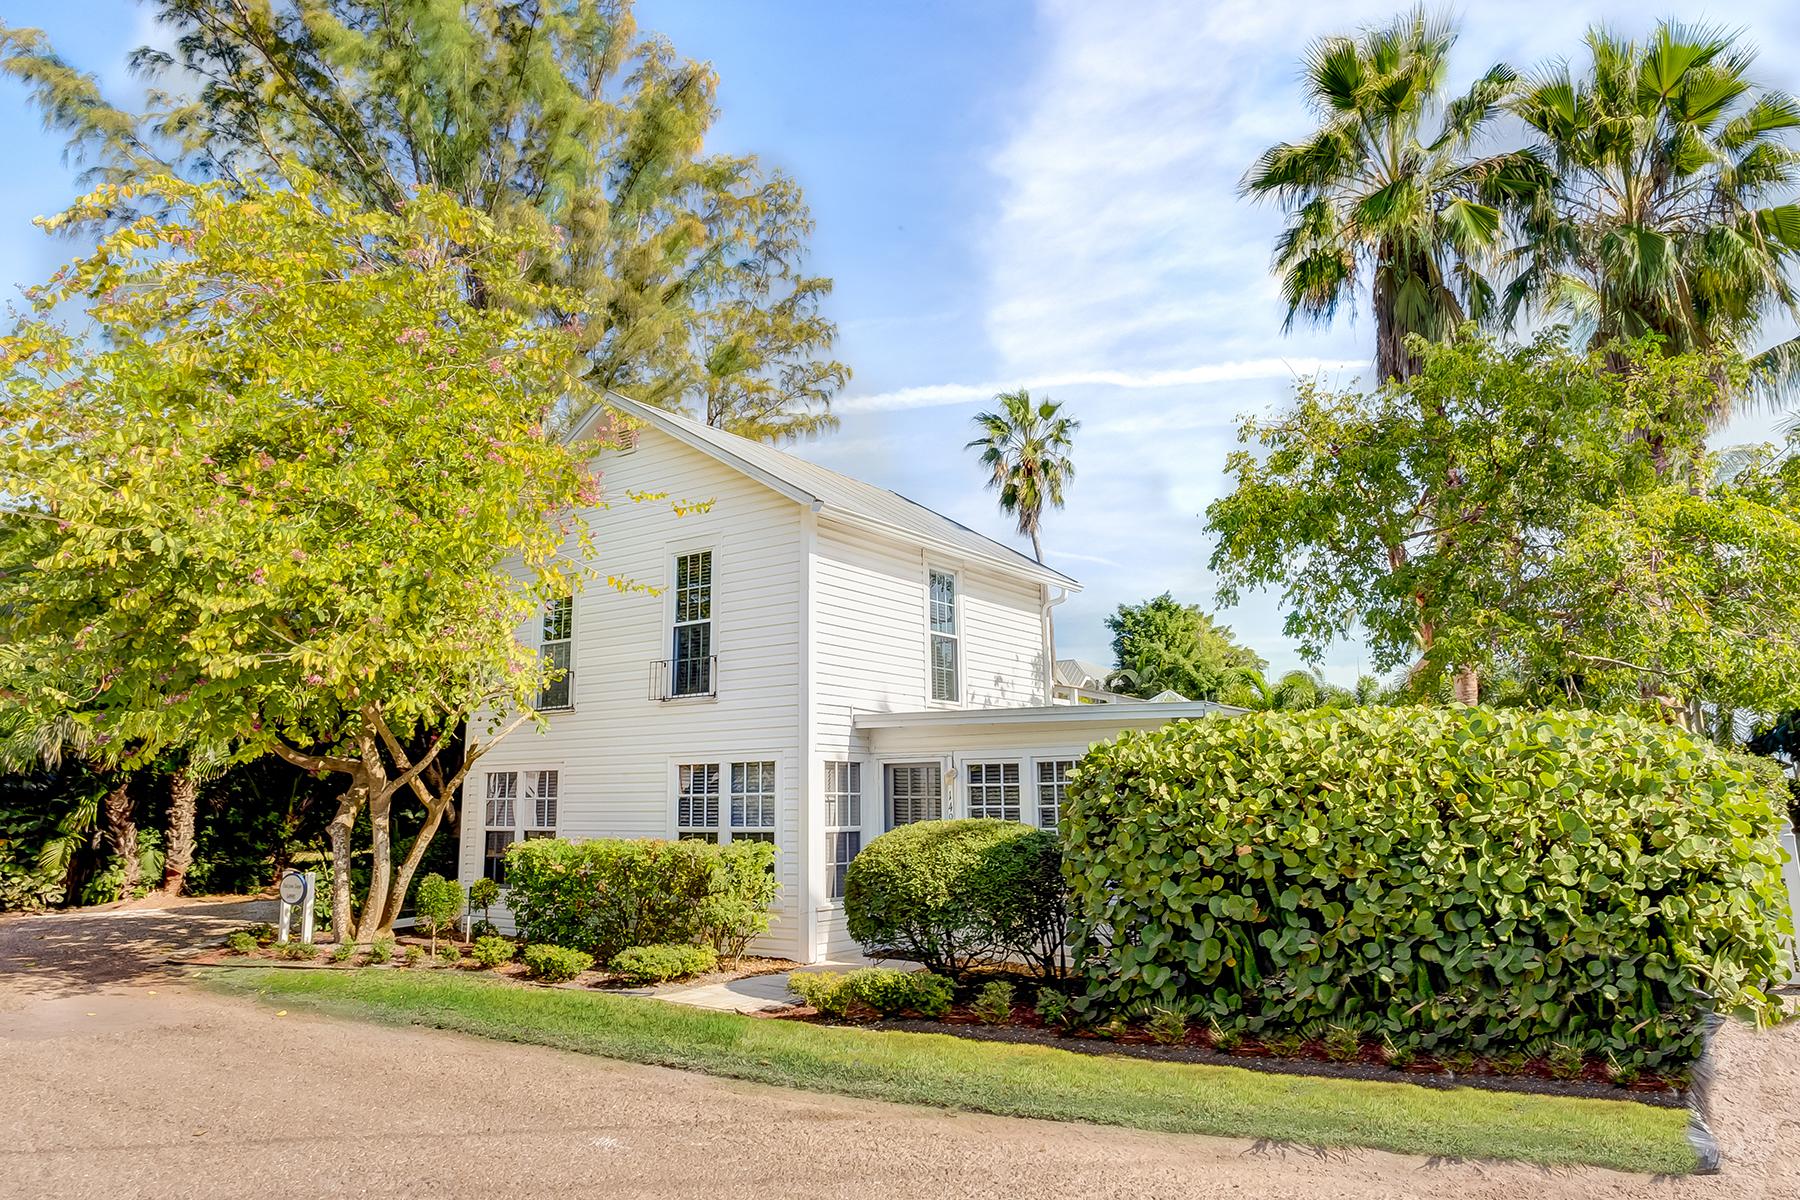 Nhà ở một gia đình vì Bán tại CAPTIVA 14981 Binder Dr Captiva, Florida, 33924 Hoa Kỳ